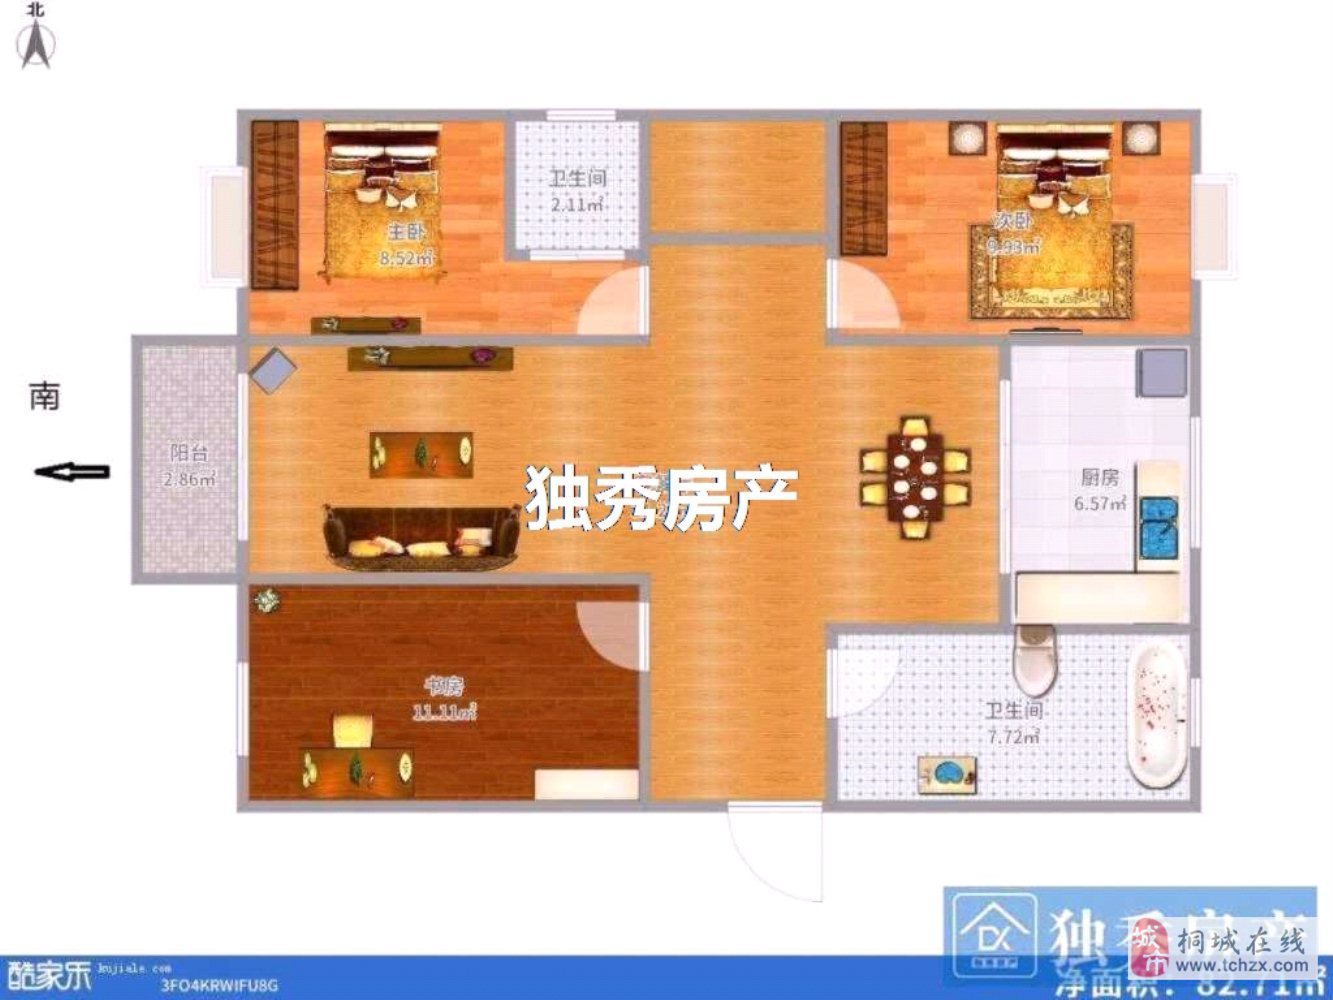 新东方世纪城3室2厅1卫83万元